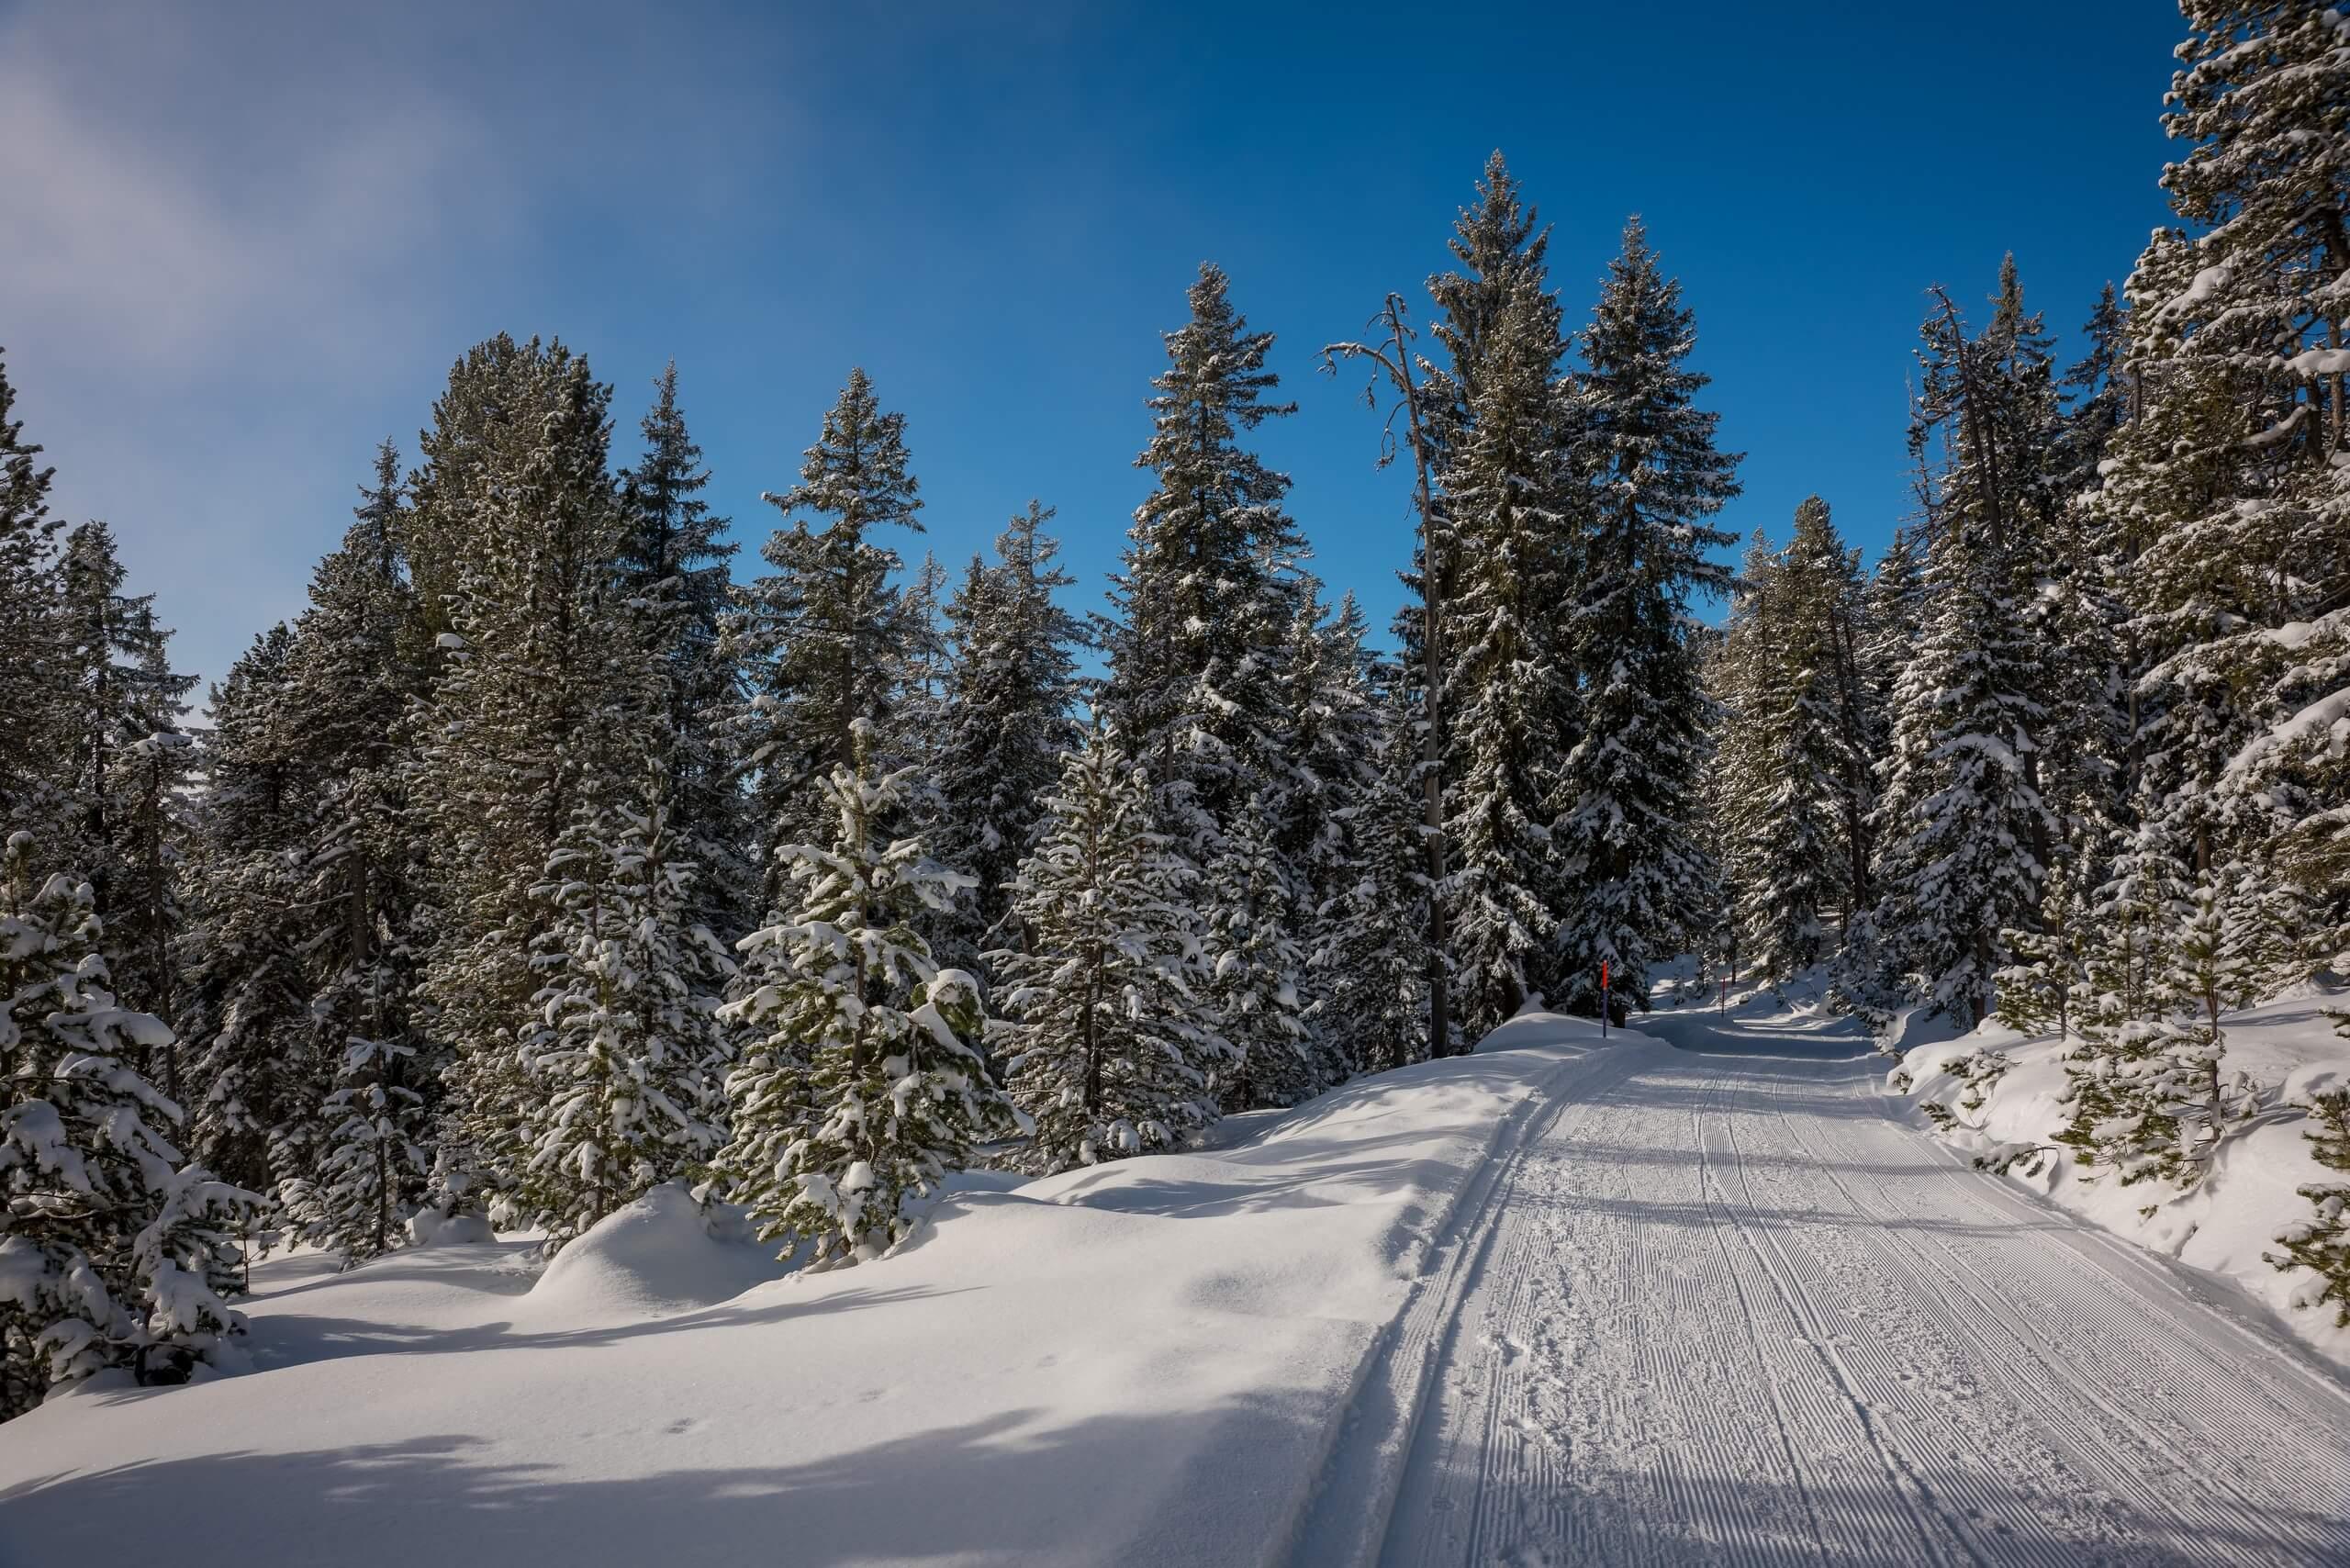 niederhorn-winter-schlittelpiste-verschneite-baeume